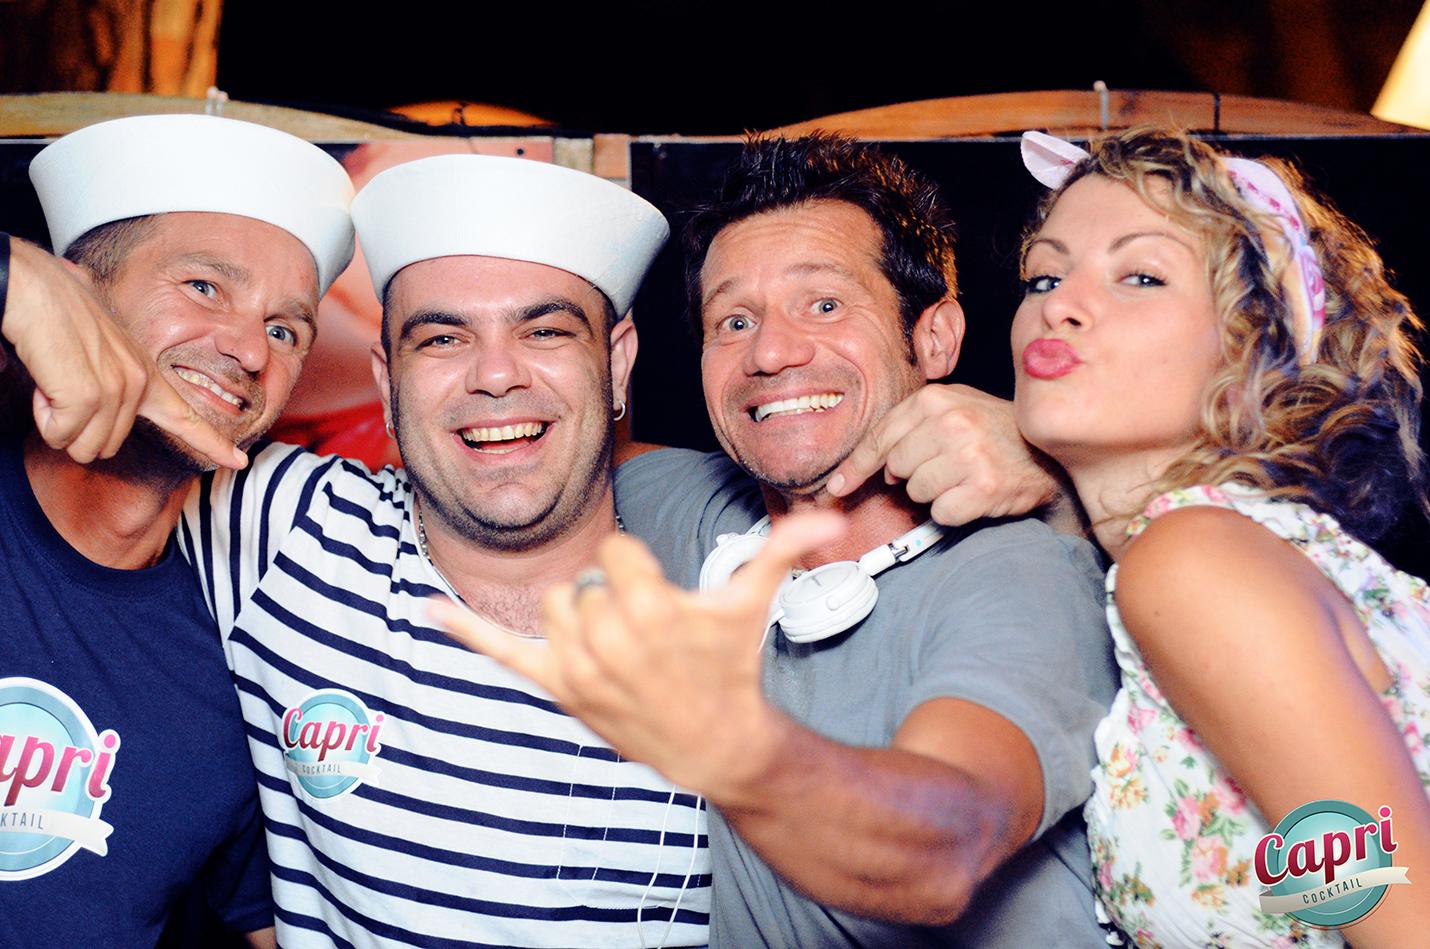 Capri_partyFabio_camboni_rds_roma